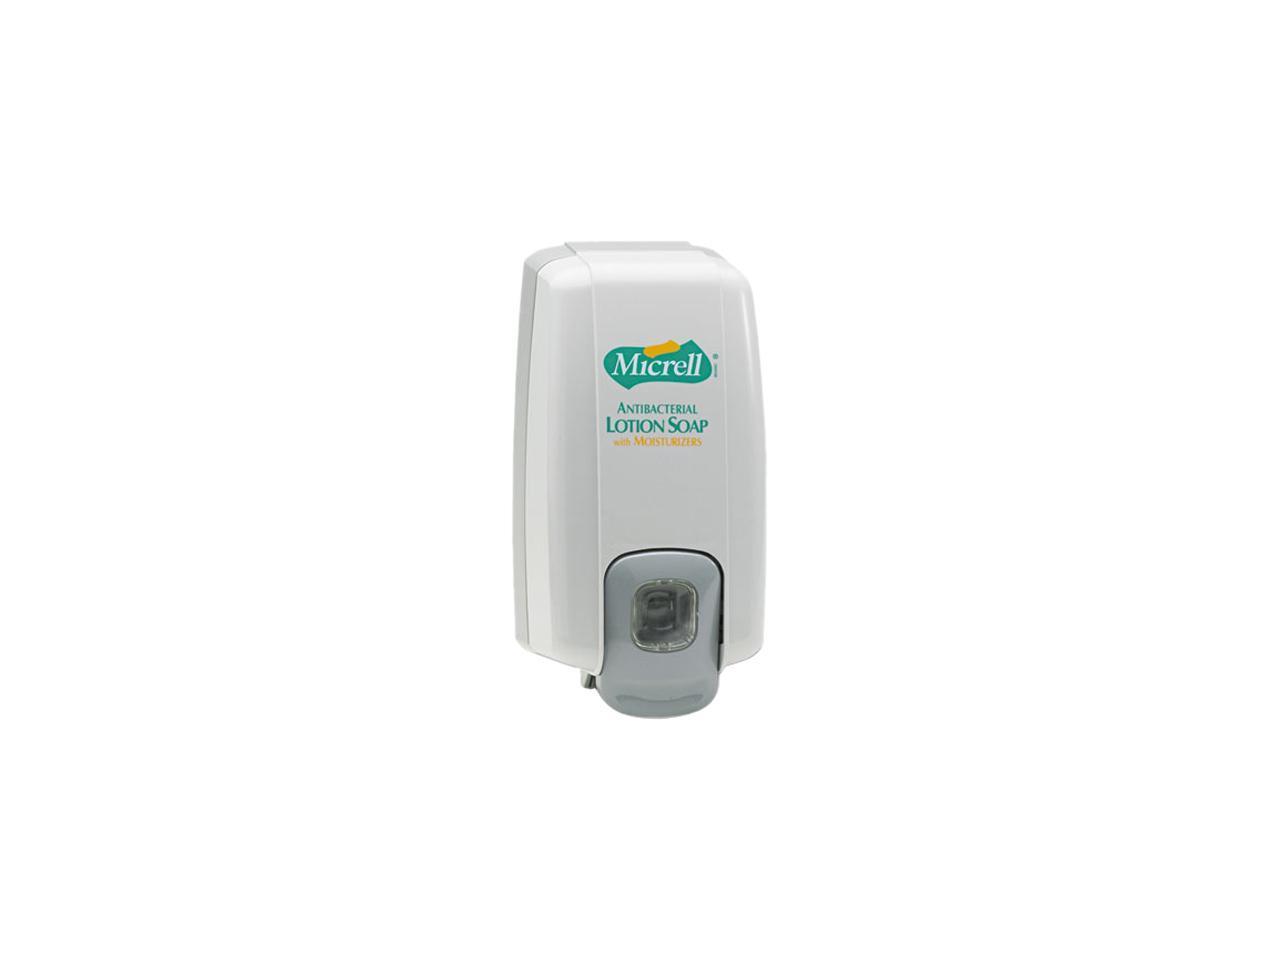 Antibacterial soap dispenser 72000 lumen flashlight